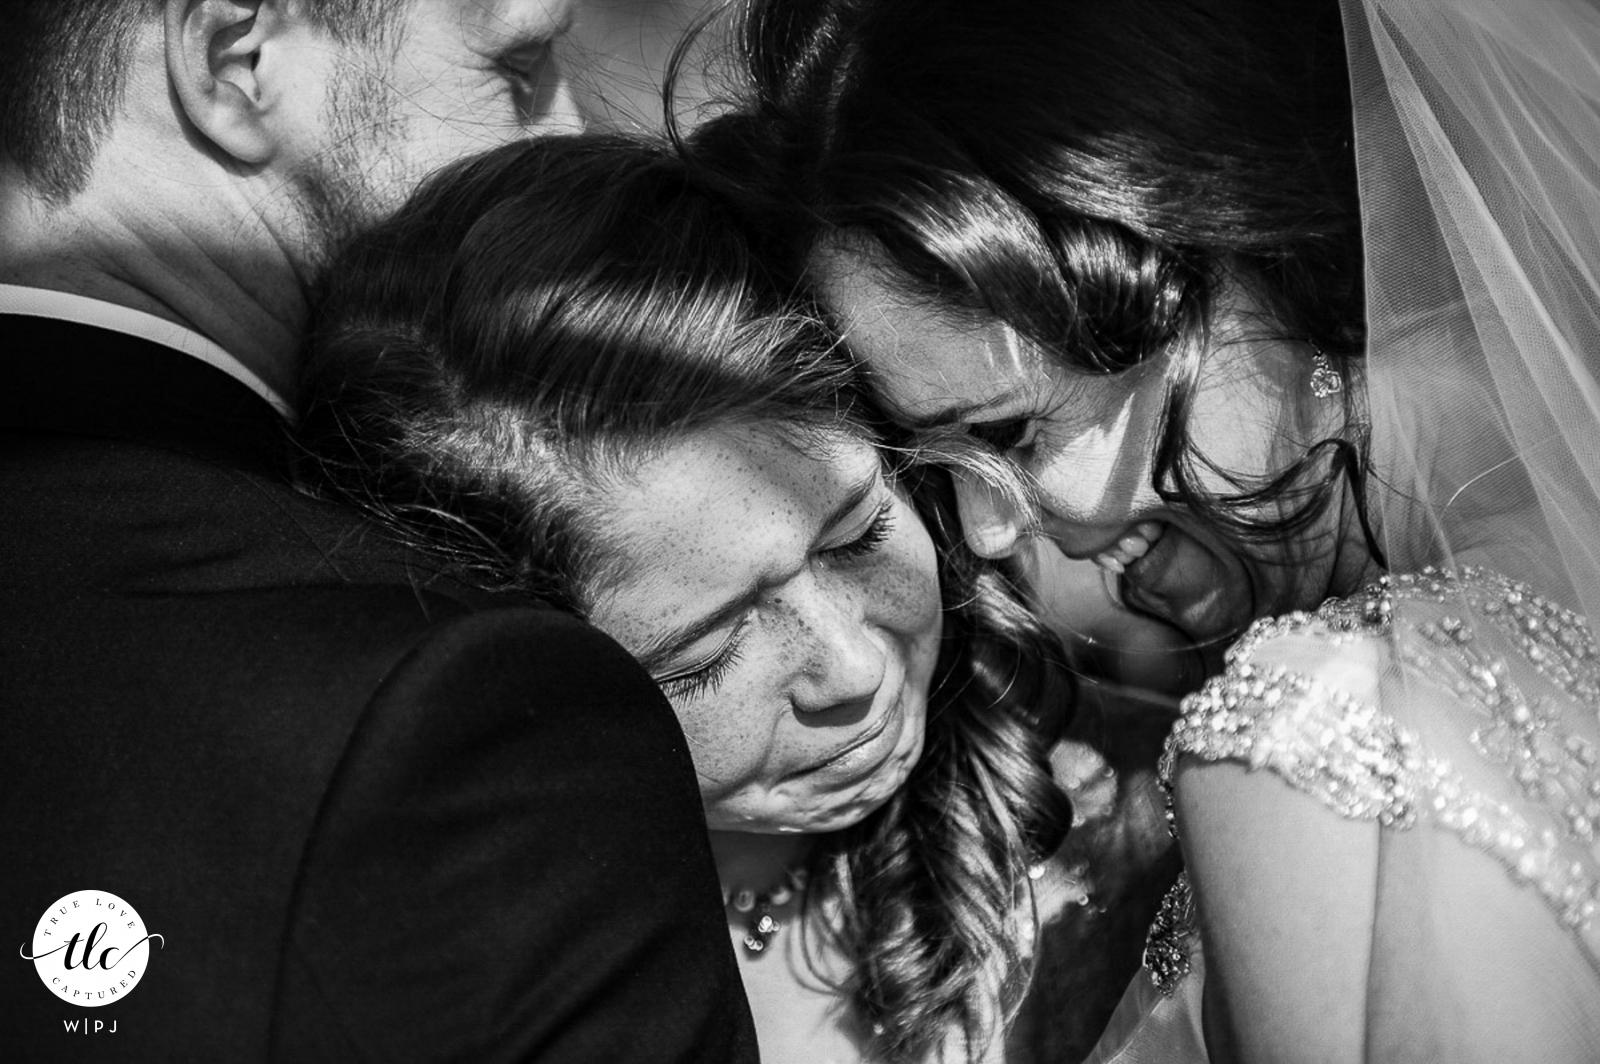 Imagen de boda de la hija de la pareja abrazándolos después de que finalmente se casaron en el Hotel Twelve Apostles, Ciudad del Cabo, Western Cape, Sudáfrica